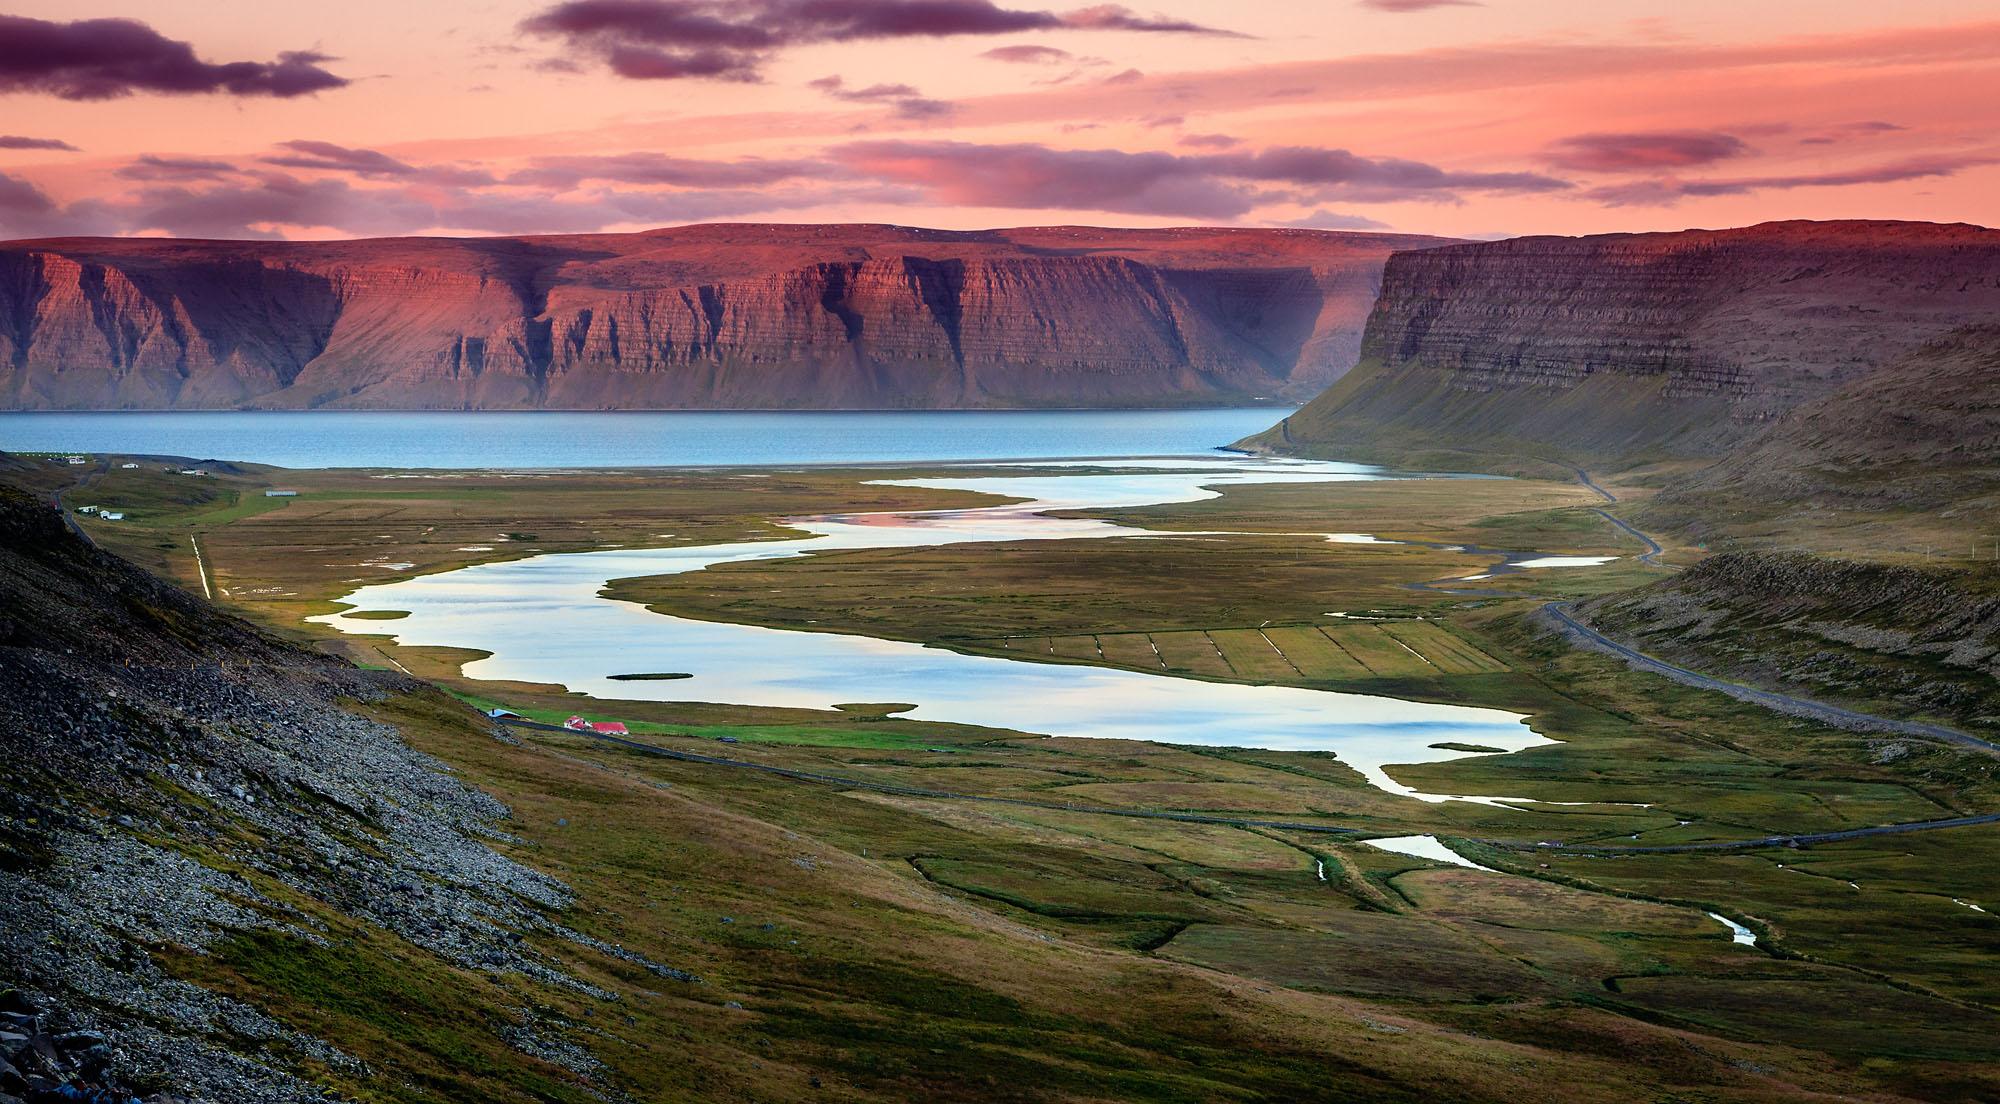 冰岛西峡湾以其雄伟的悬崖和海岸线蜿蜒陡峭的峡湾而闻名